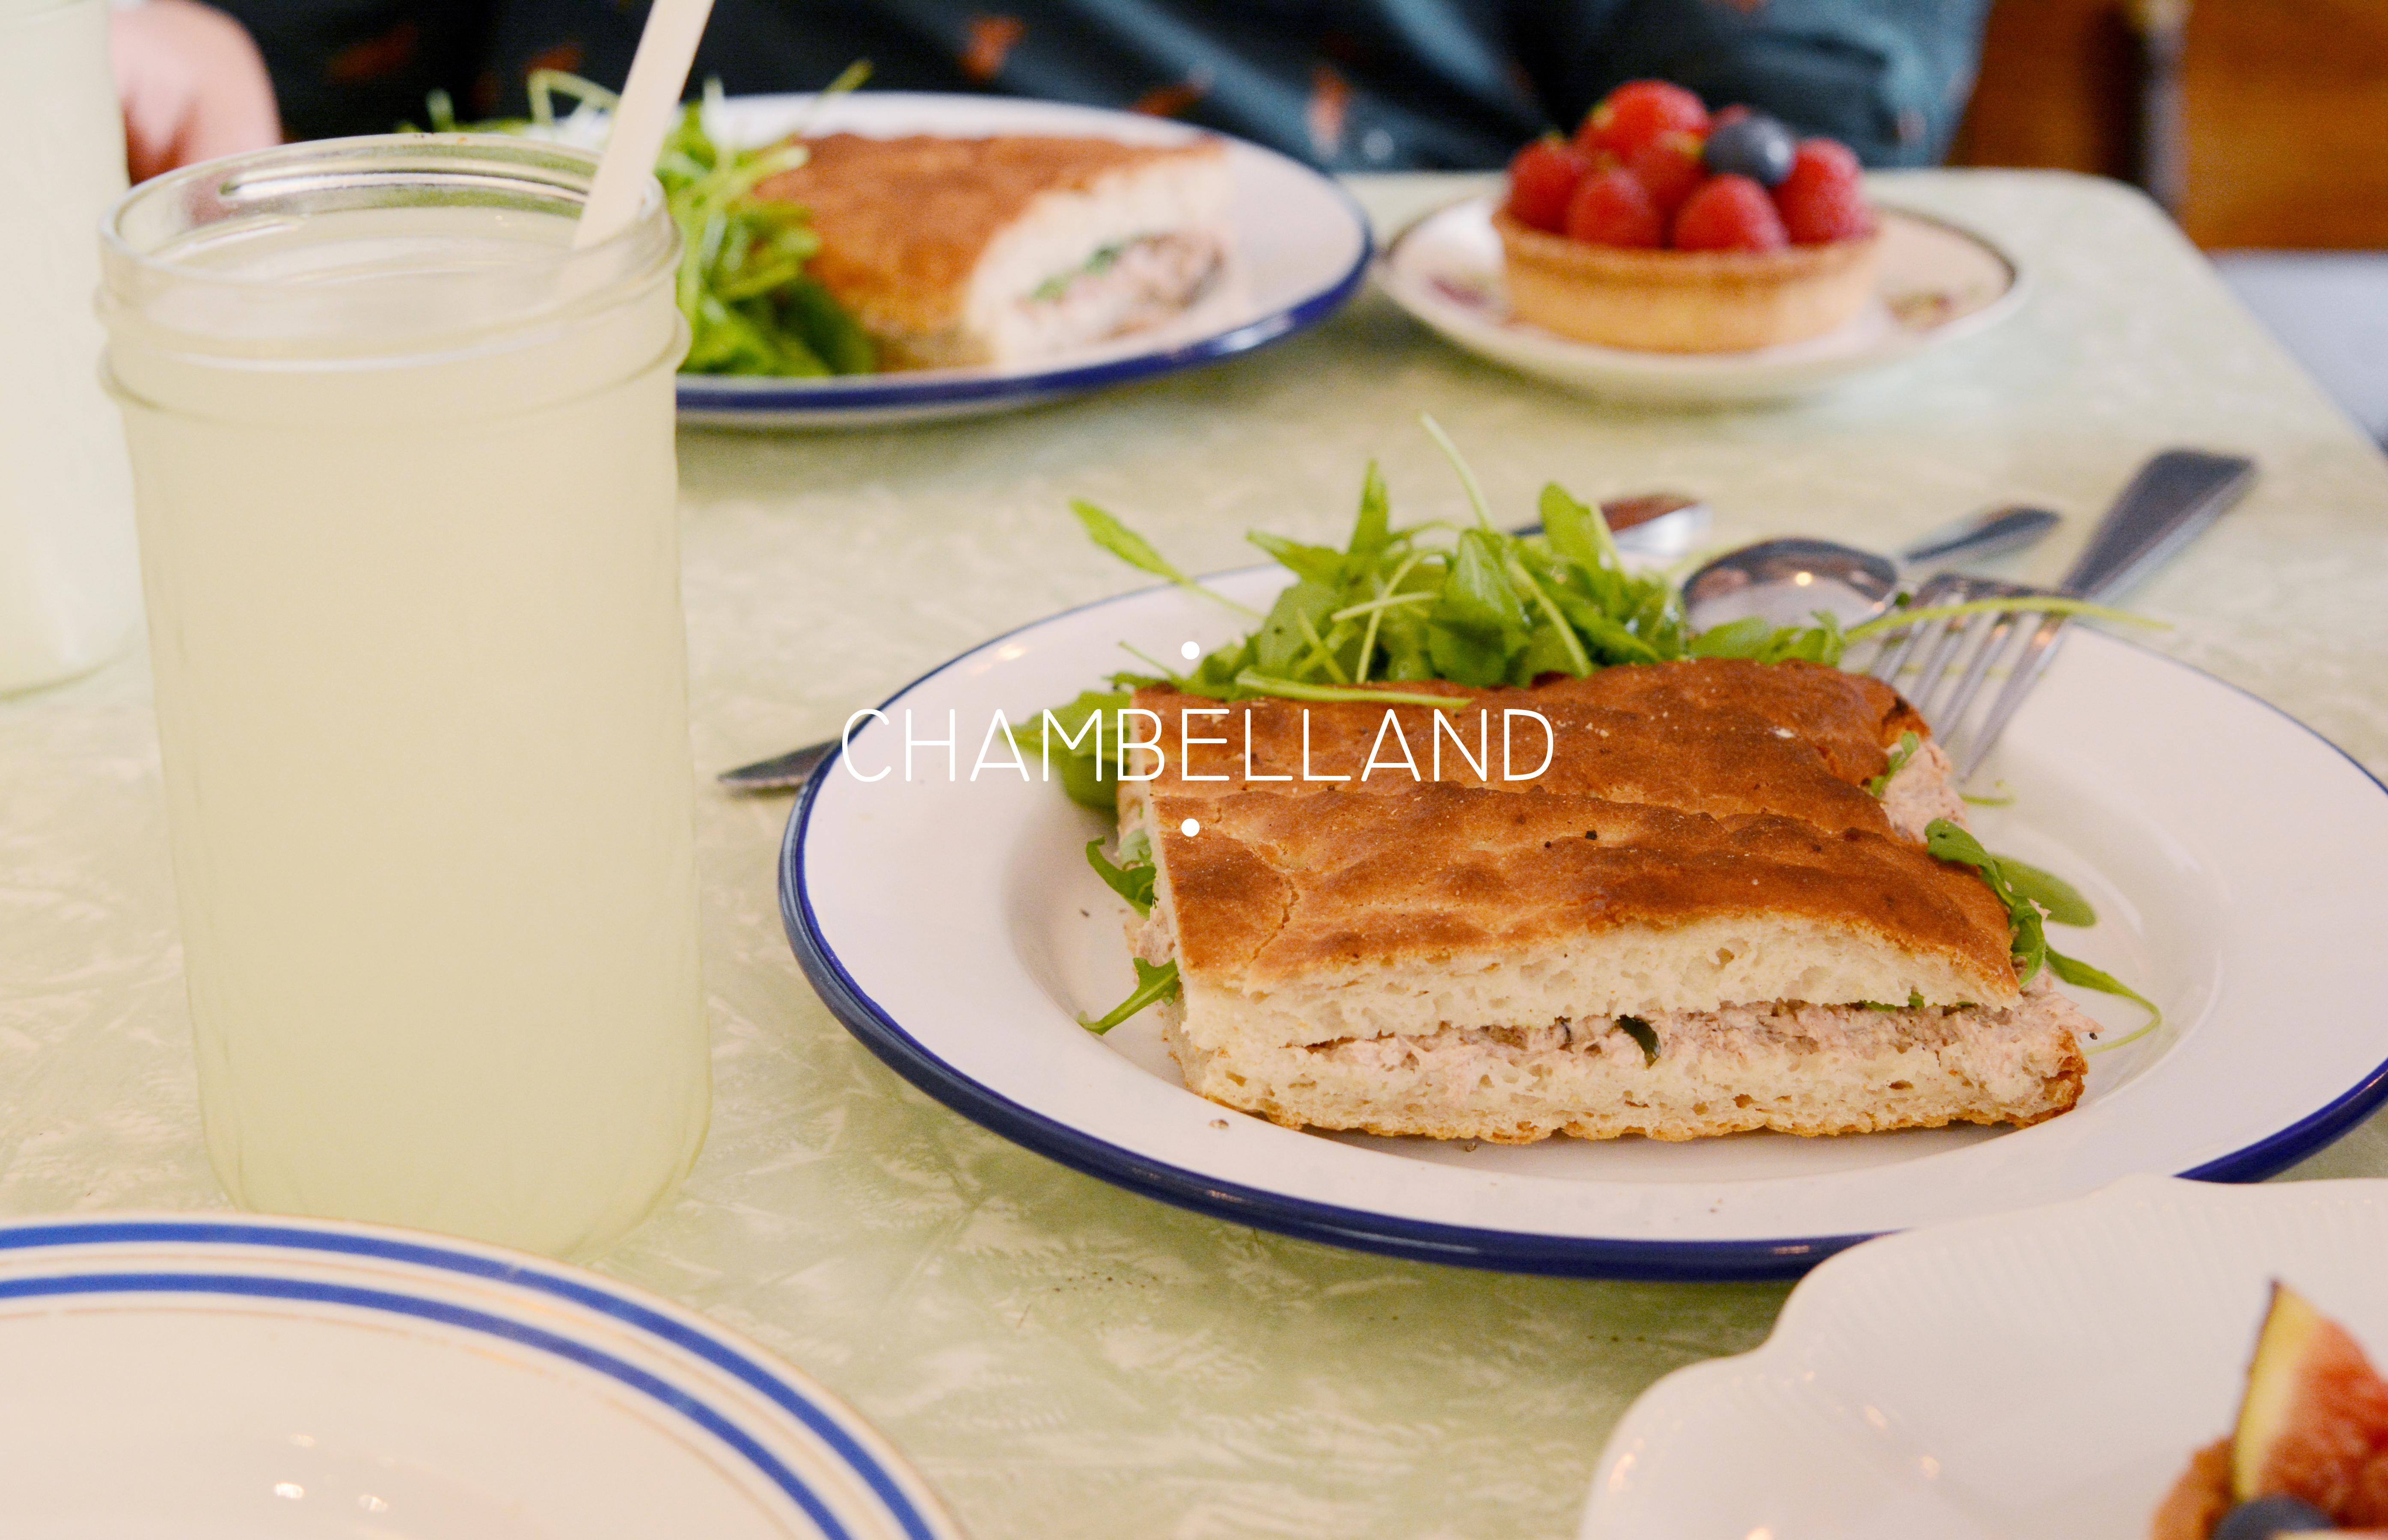 chambelland-boulangerie-sans-gluten-paris-adresse-by-le-polyedre_visuel